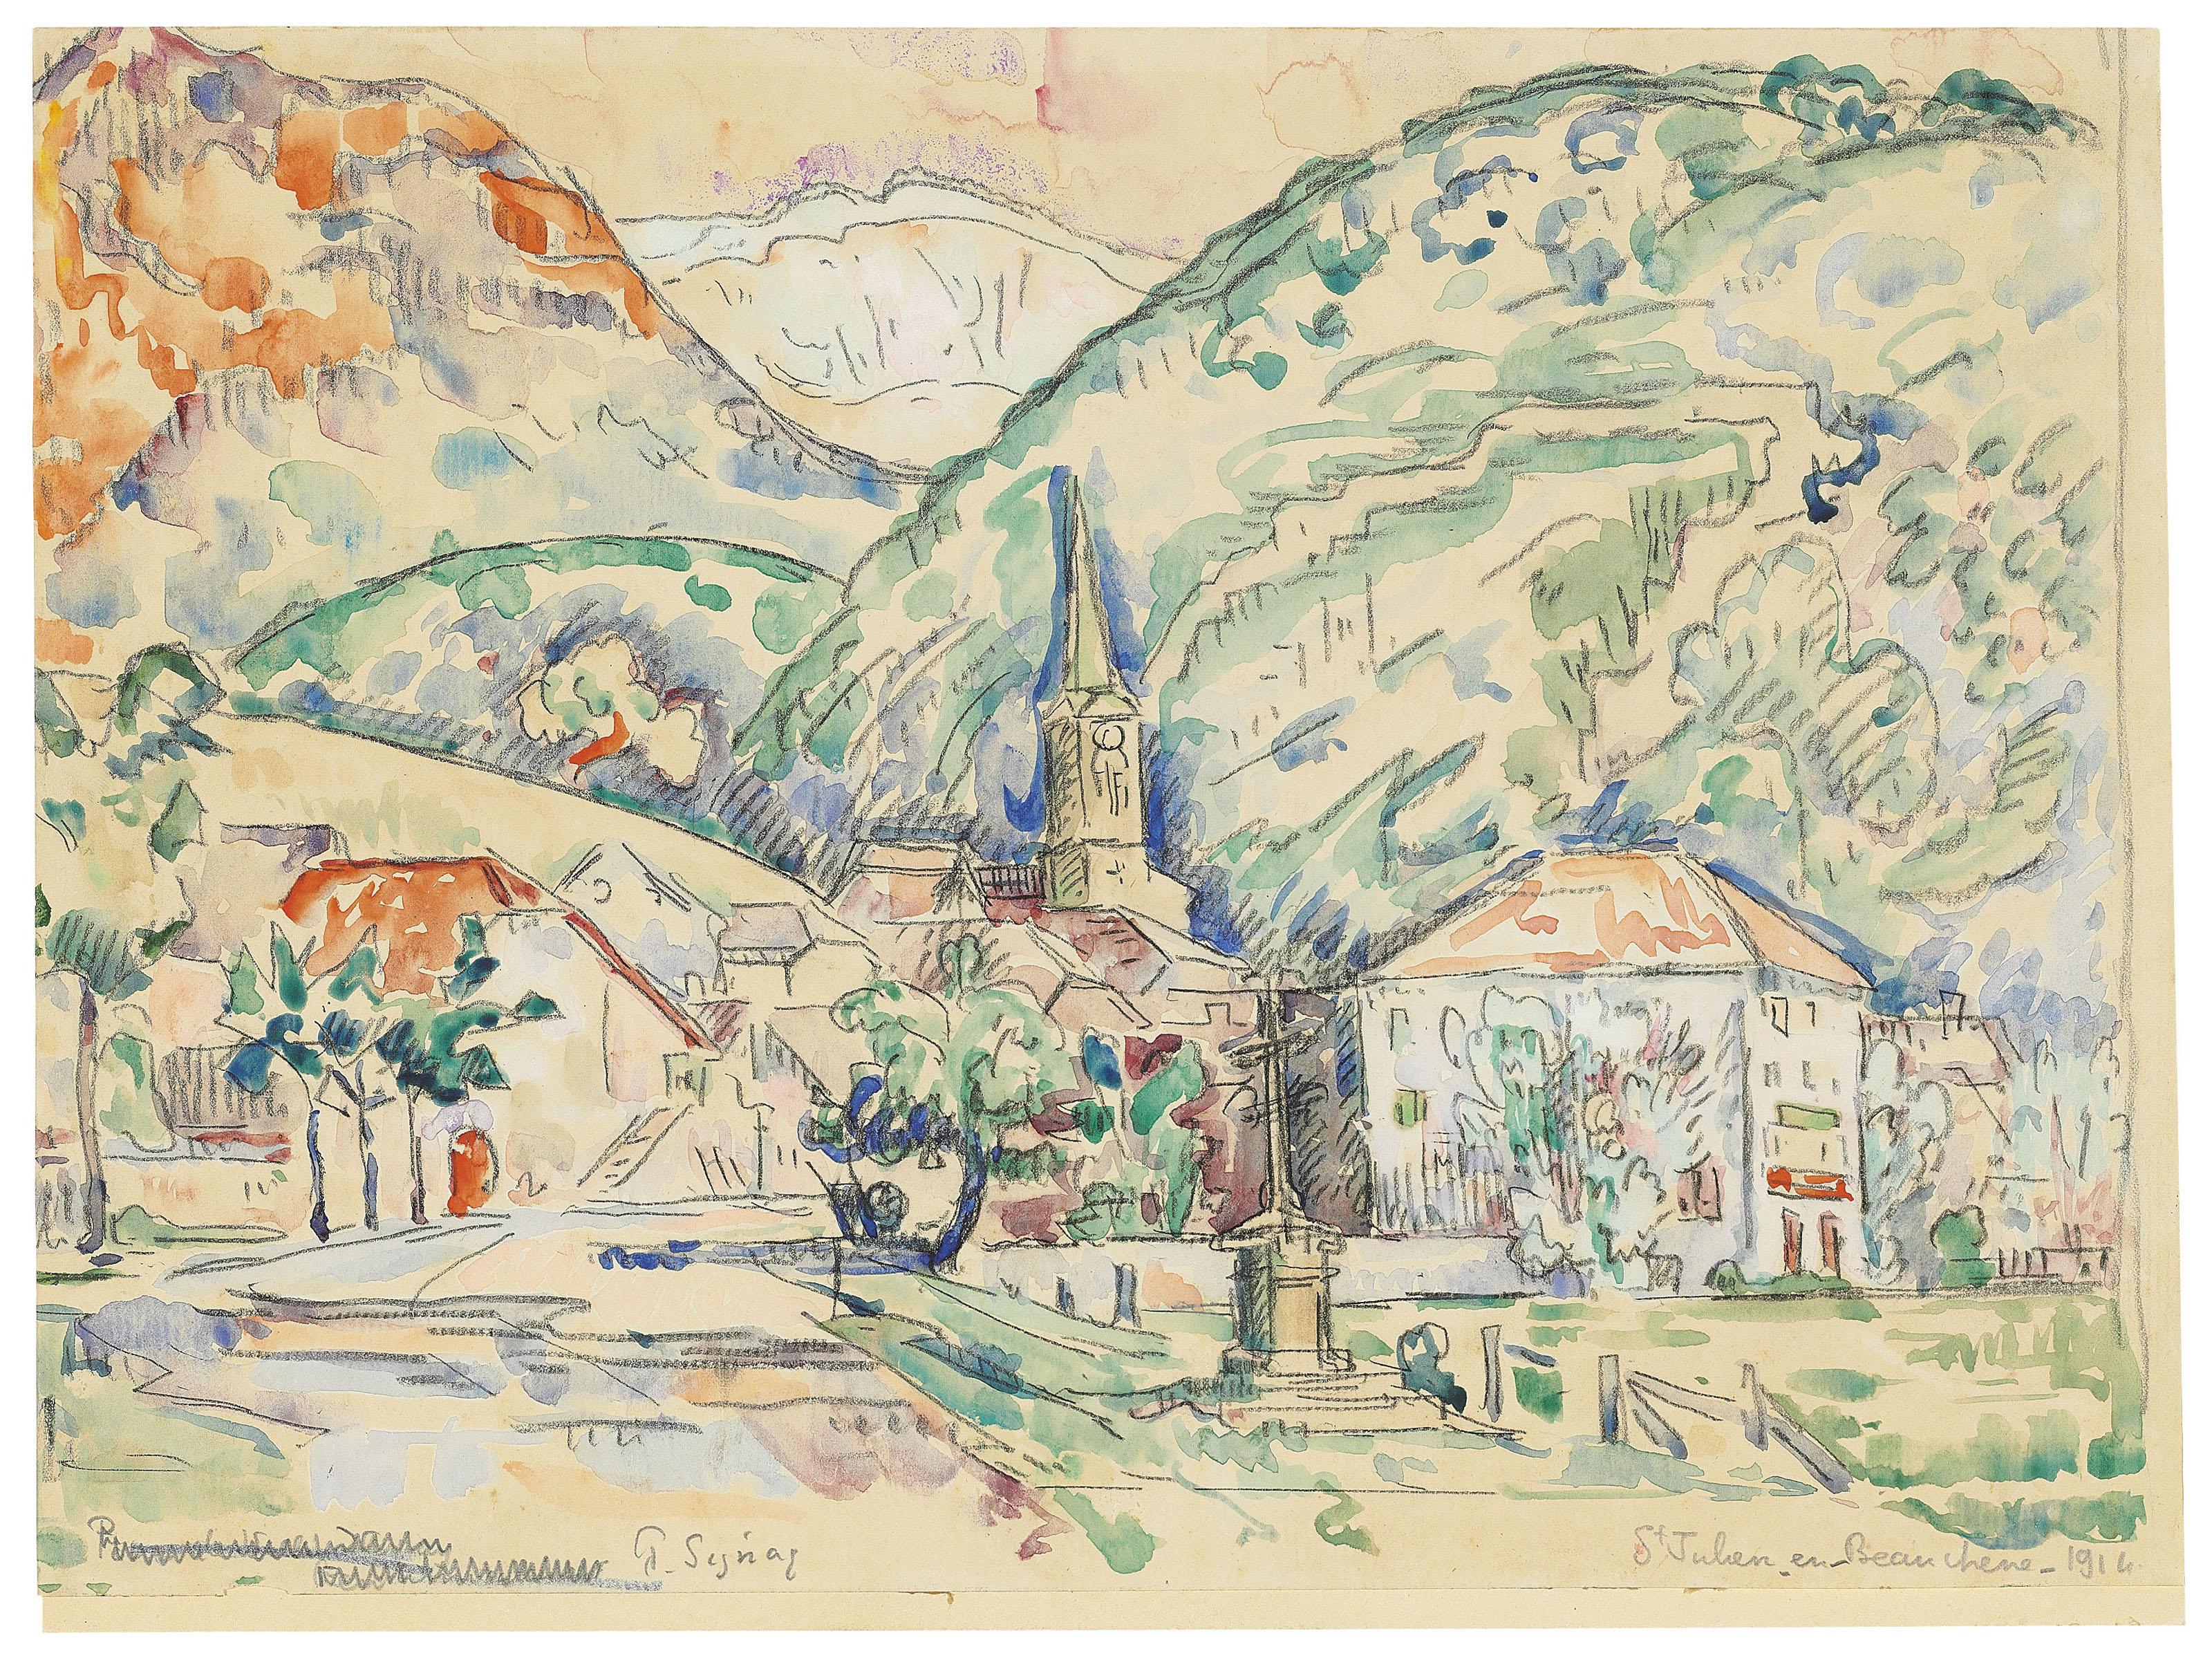 Paul Signac (French, 1863-1935